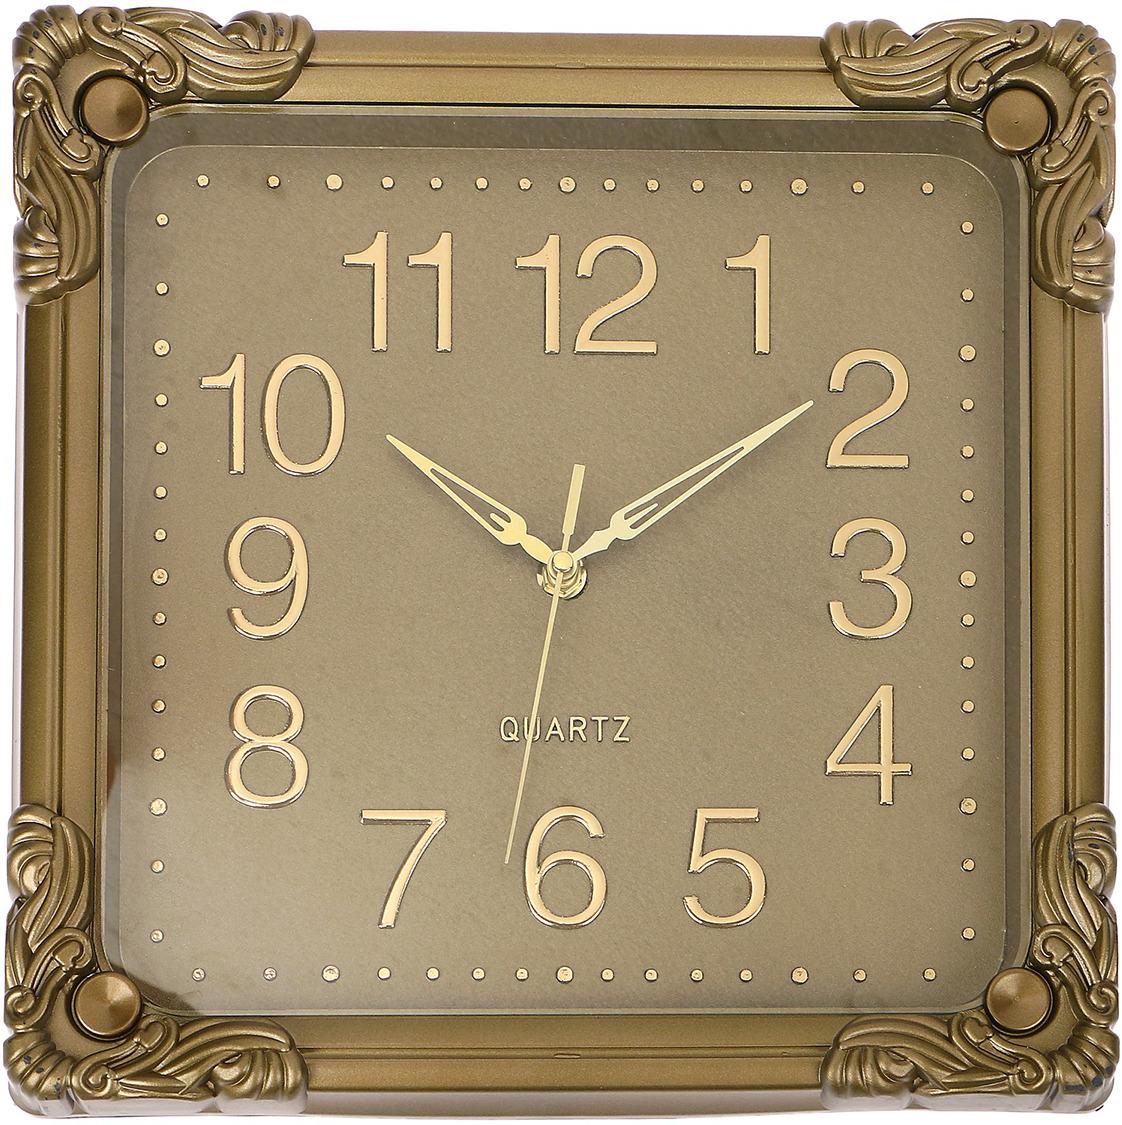 Настенные часы Мона, 3043603, бронза3043603Часы уже давно перестали быть предметом исключительно практического назначения. Сегодня они являются еще и отличным элементом декора, который вполне может стать настоящей изюминкой вашего интерьера.